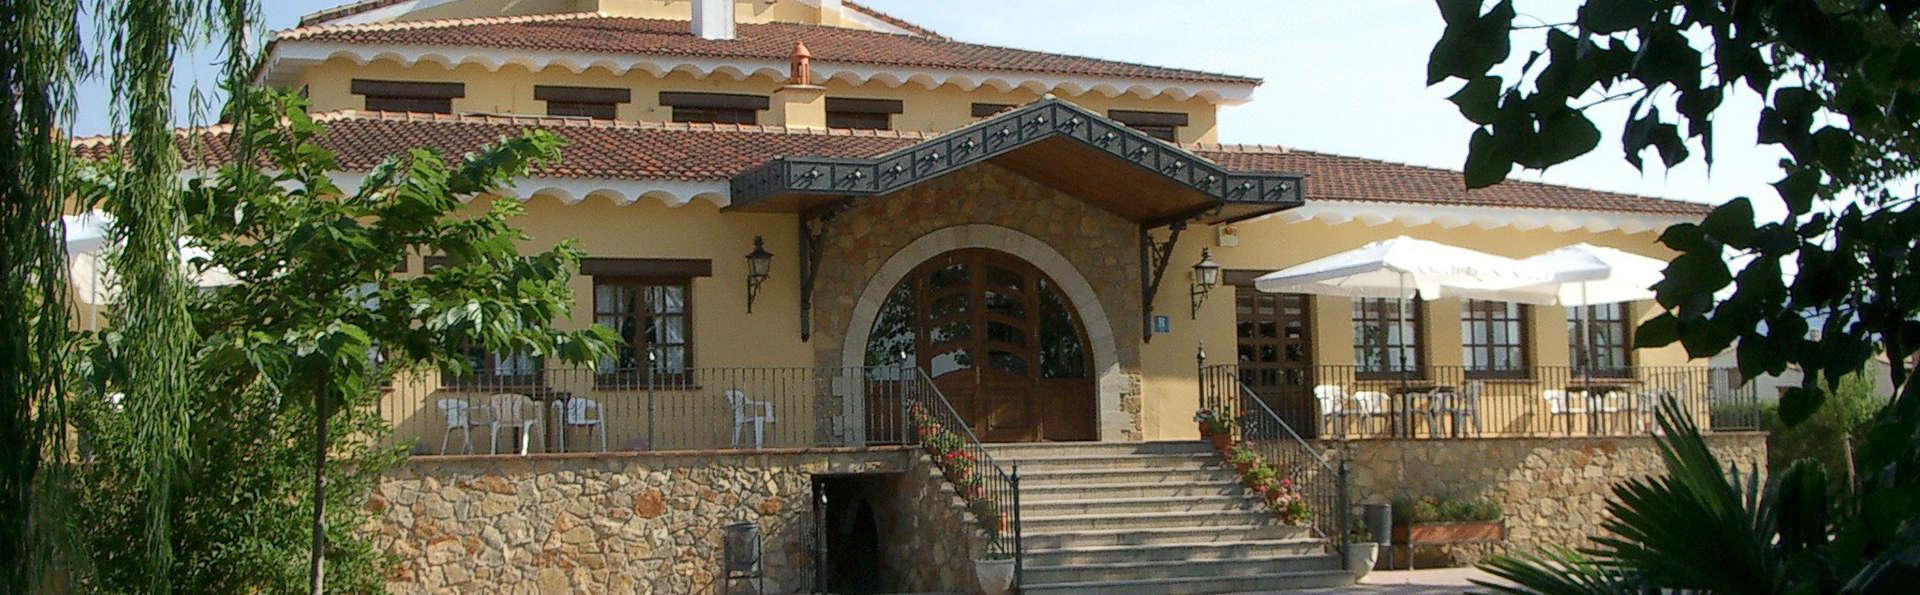 Hotel de Montaña Rubielos - EDIT_front2.jpg